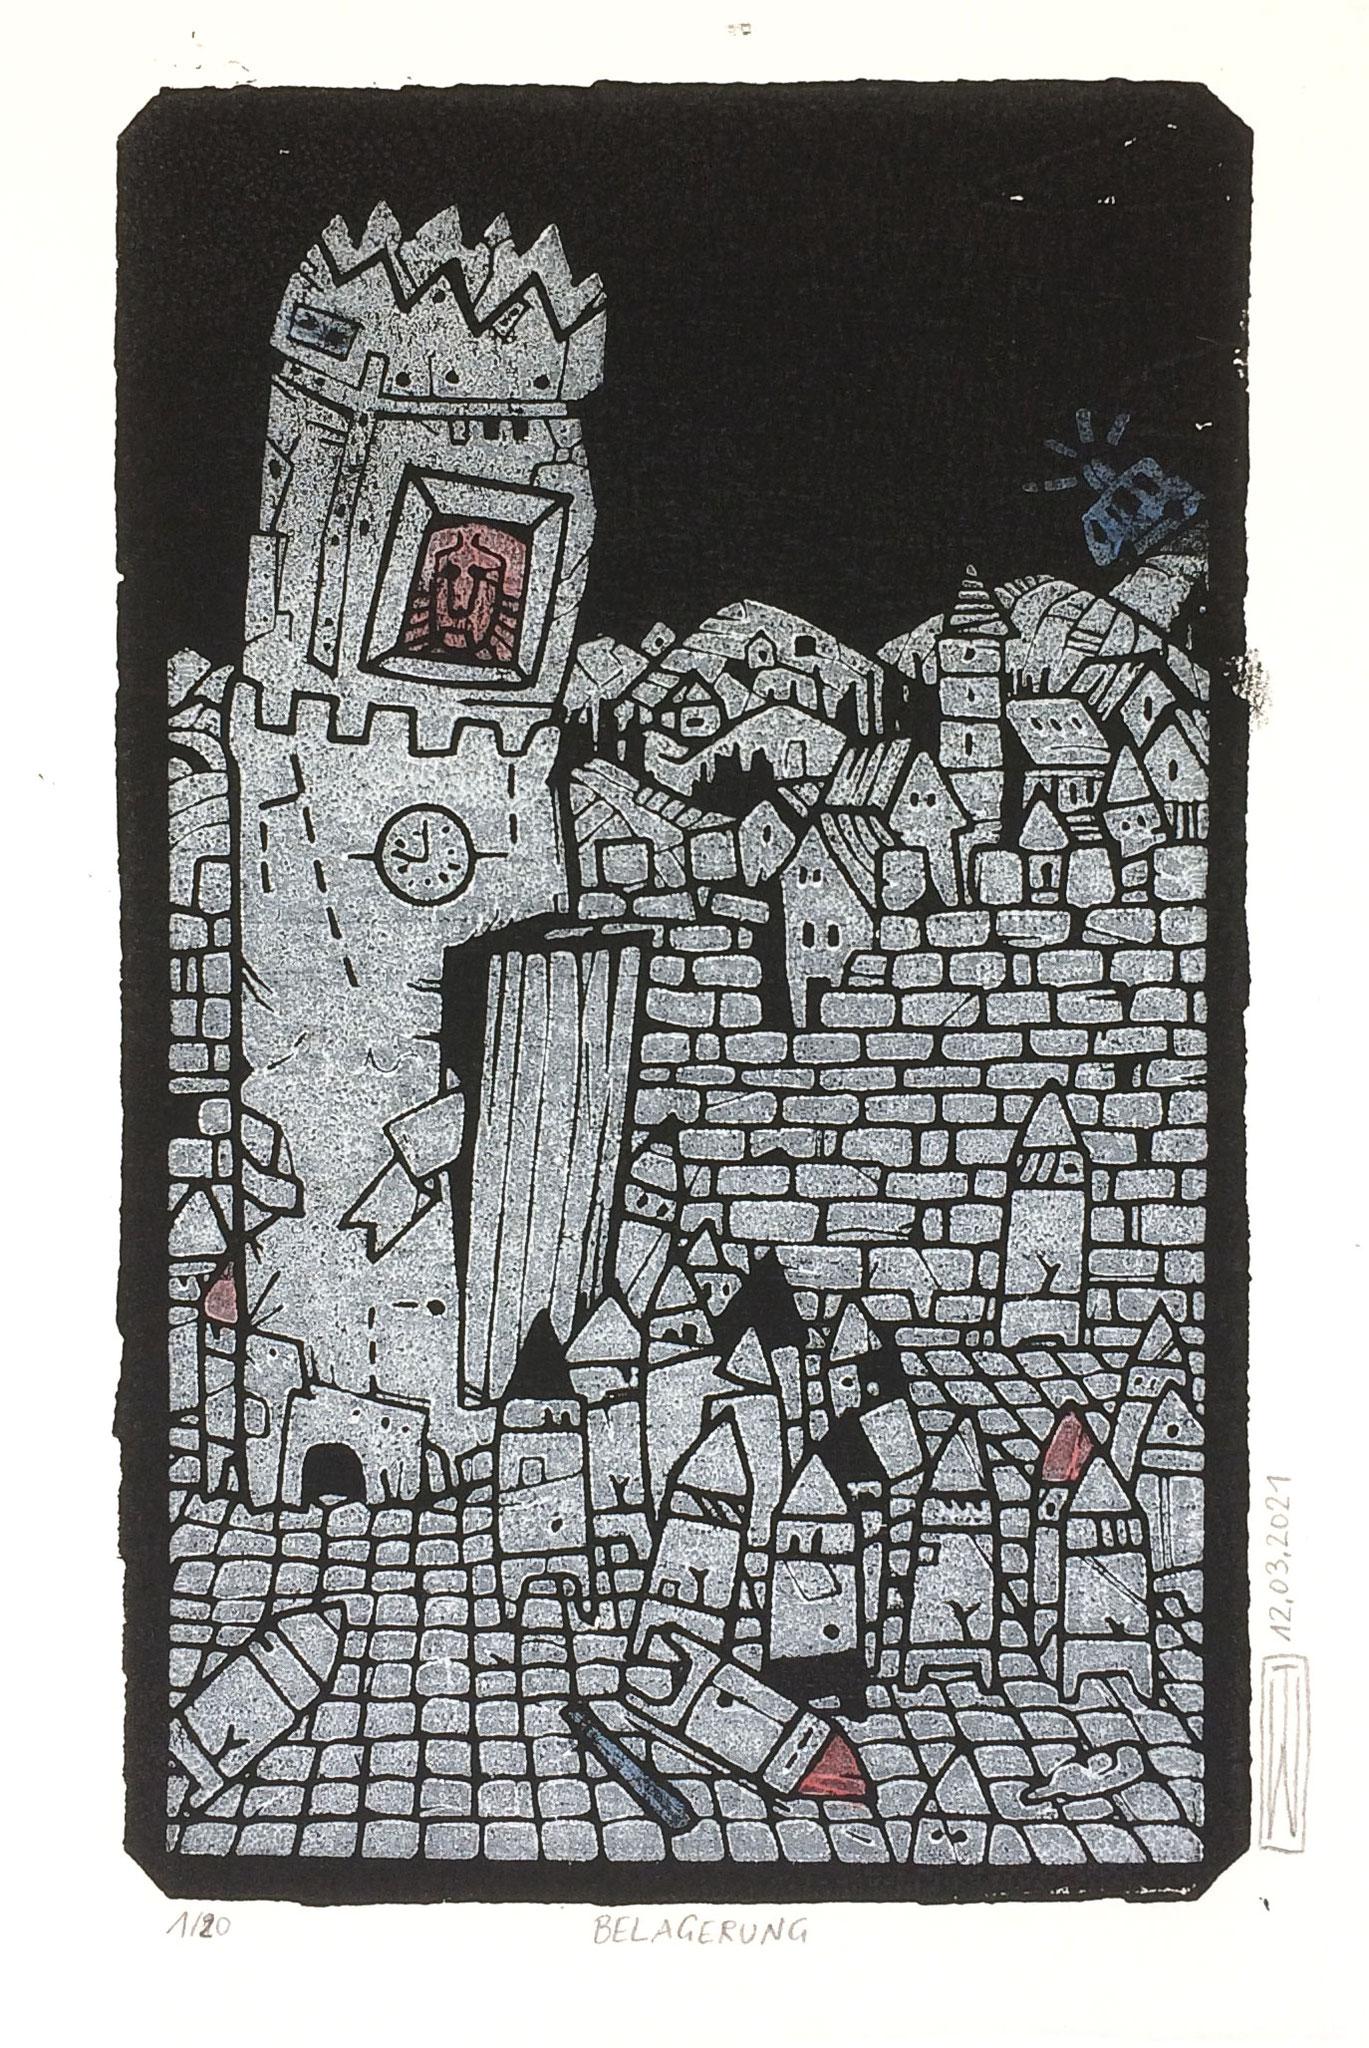 Belagerung, Linoldruck, 13 x 21 cm